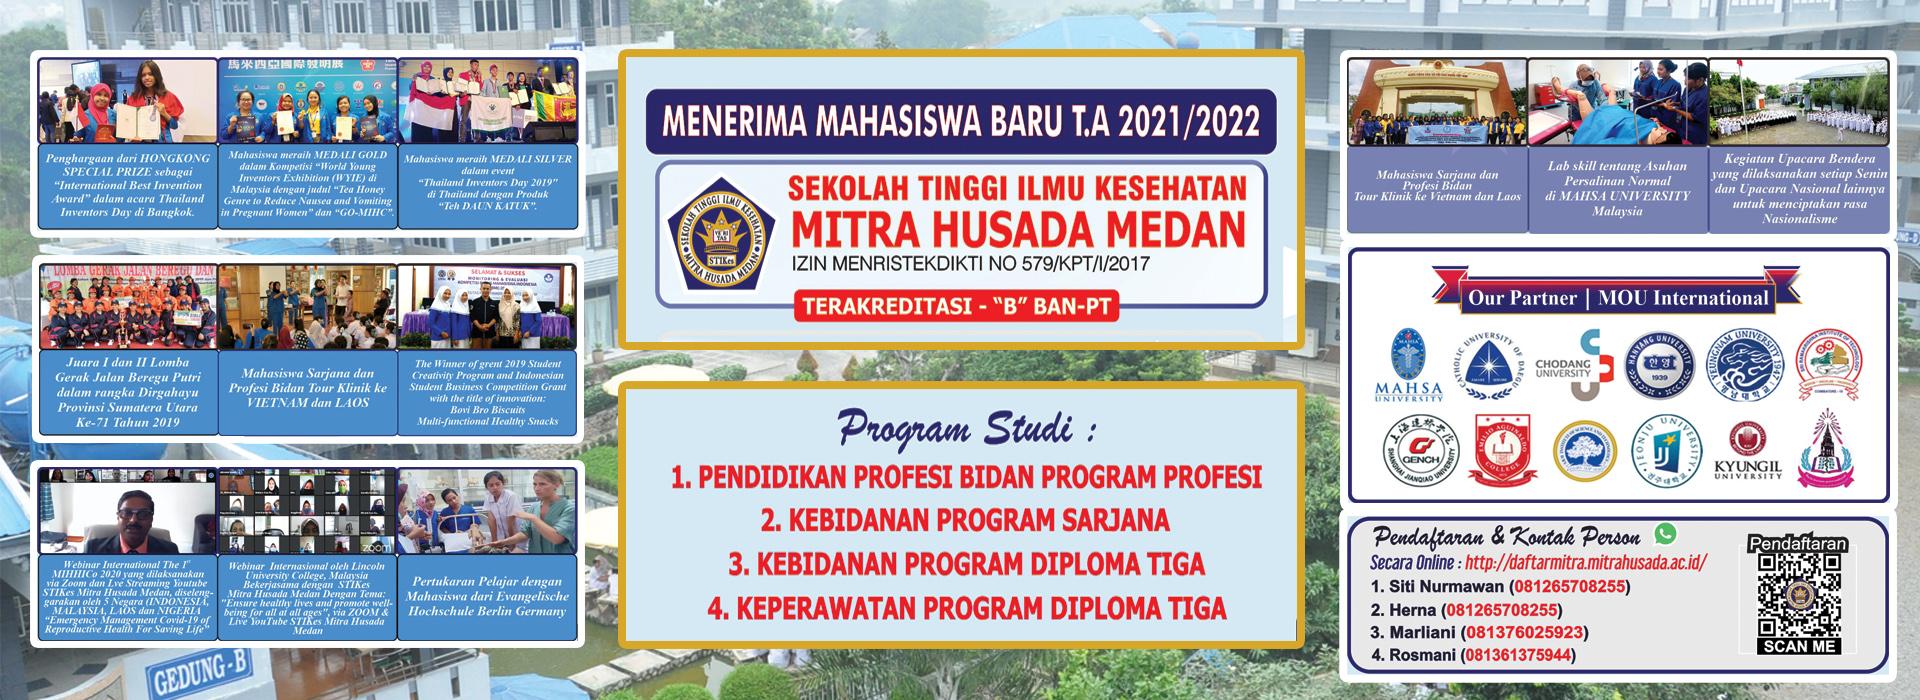 Penerimaan Mahasiswa Baru T.A 2021/2022 STIKes Mitra Husada Medan